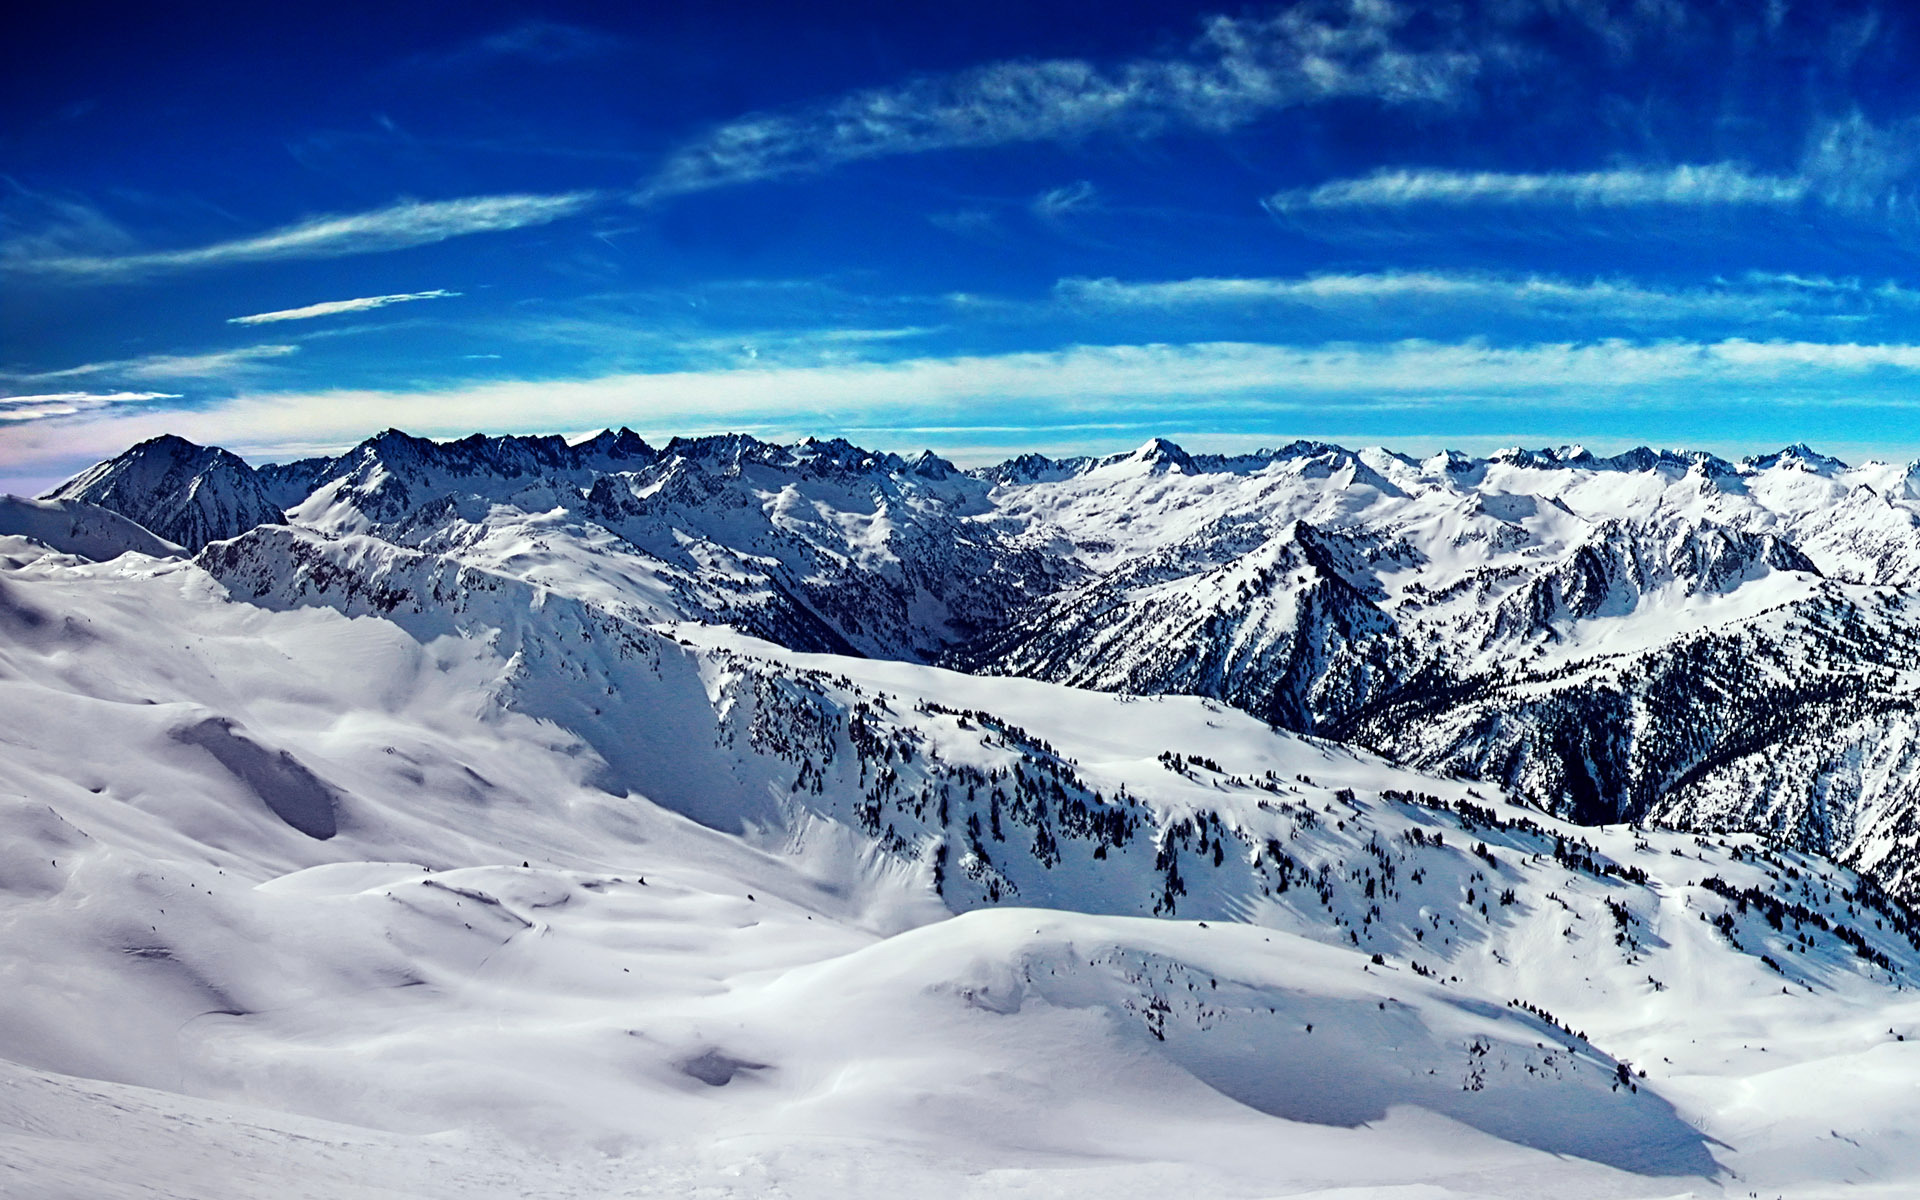 14905 скачать обои Пейзаж, Горы, Снег - заставки и картинки бесплатно